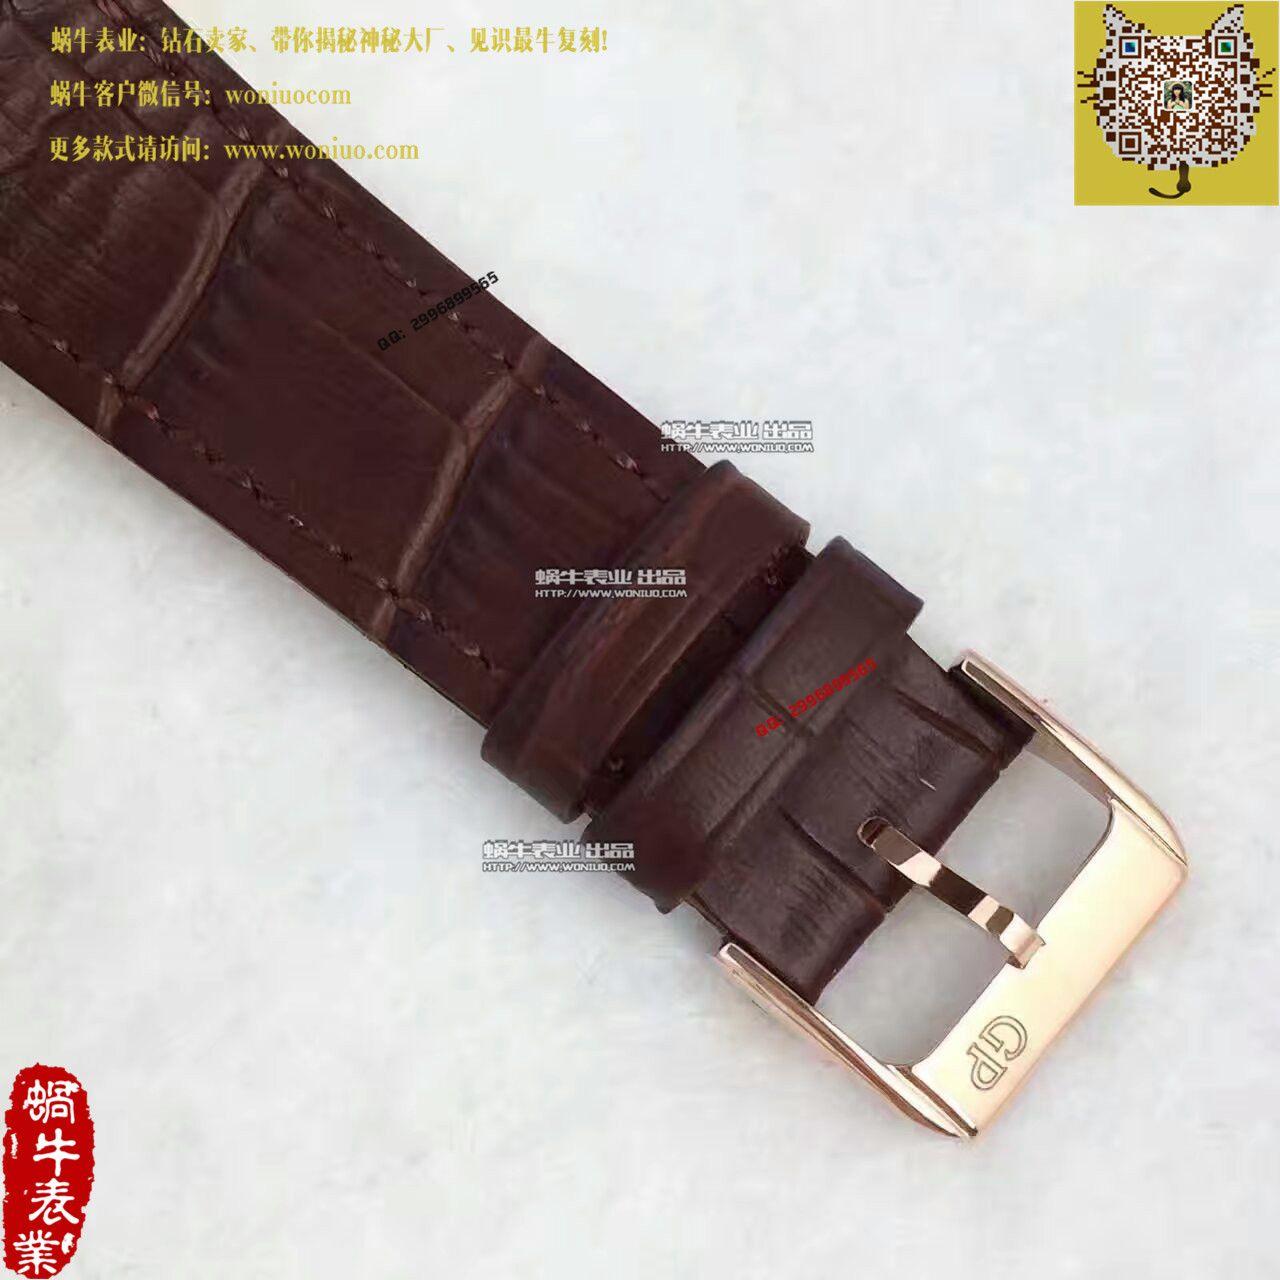 【TF厂一比一高仿手表】芝柏男表系列49544-52-231-BB60腕表 / JP04